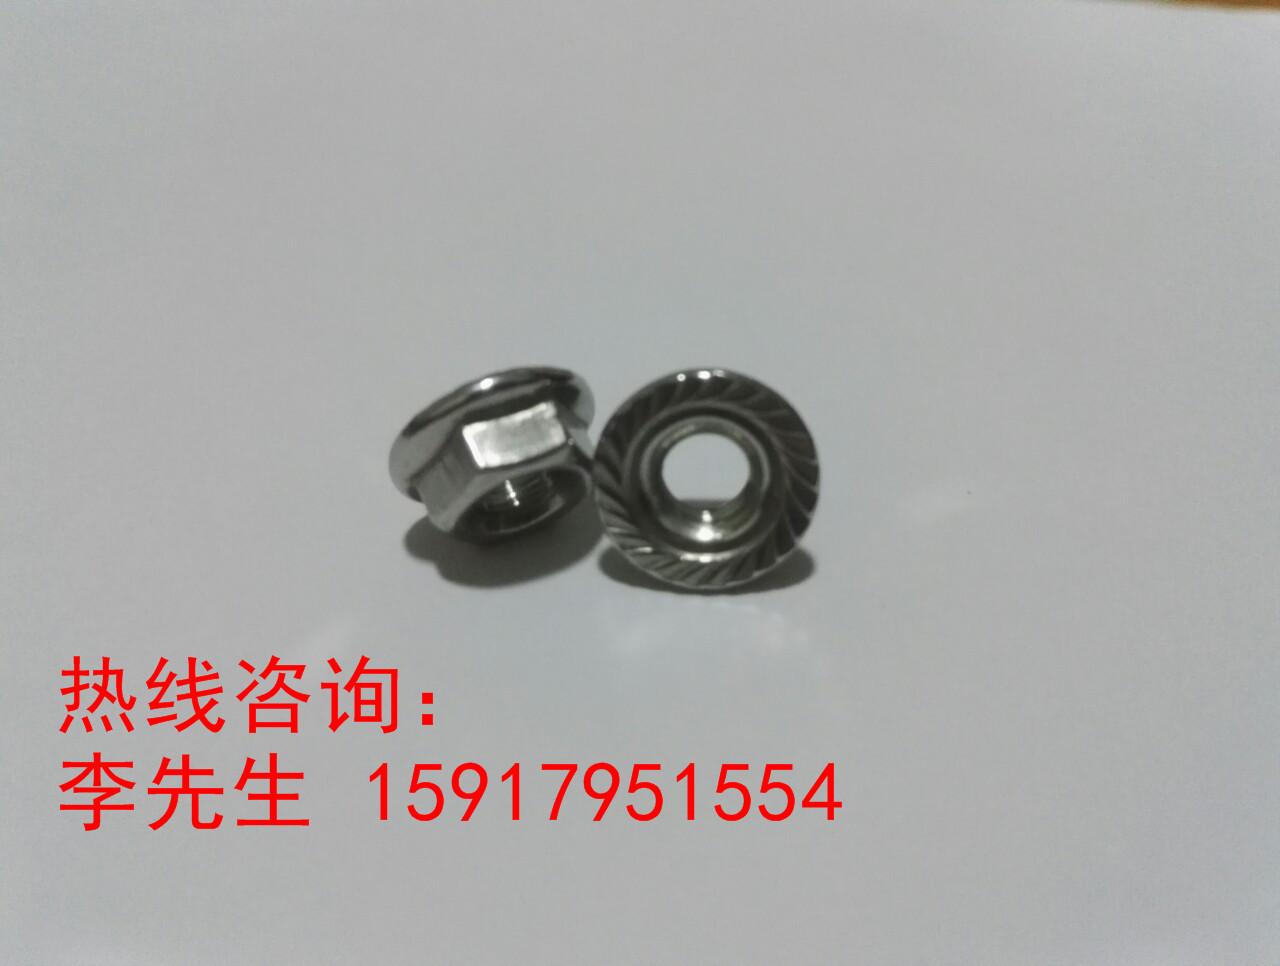 花齿螺母,M4-M12多规格法兰面螺母,揭阳法兰螺母厂家,花齿螺母批发